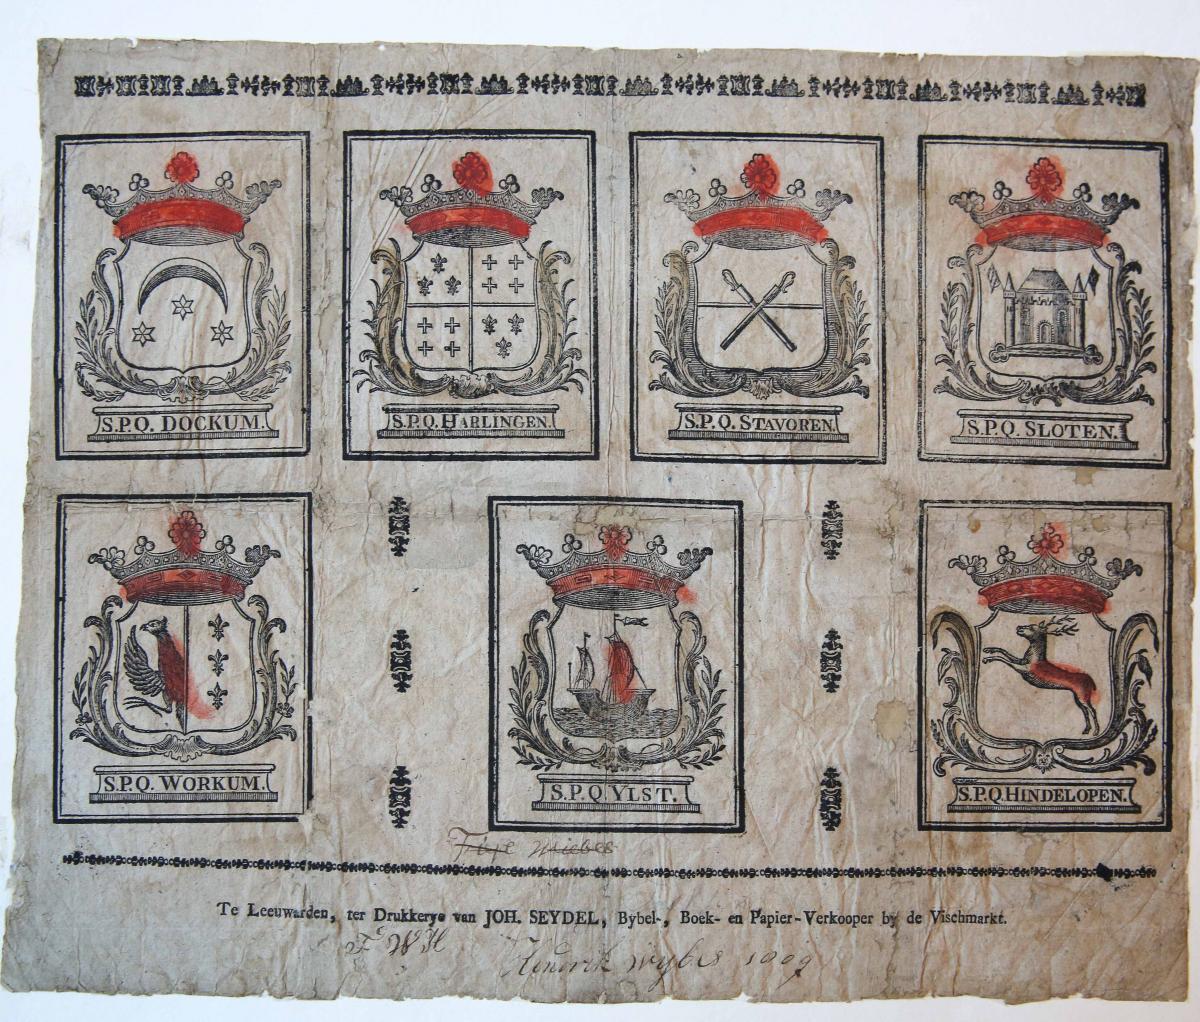 Centsprent: Coats of arms of Frisian cities. Catchpenny print. Leaf with 7 images of coats of arms of Dokkum, Harlingen, Stavoren, Sloten, Workum, IJlst en Hindeloopen. Scribbles at the bottom, p